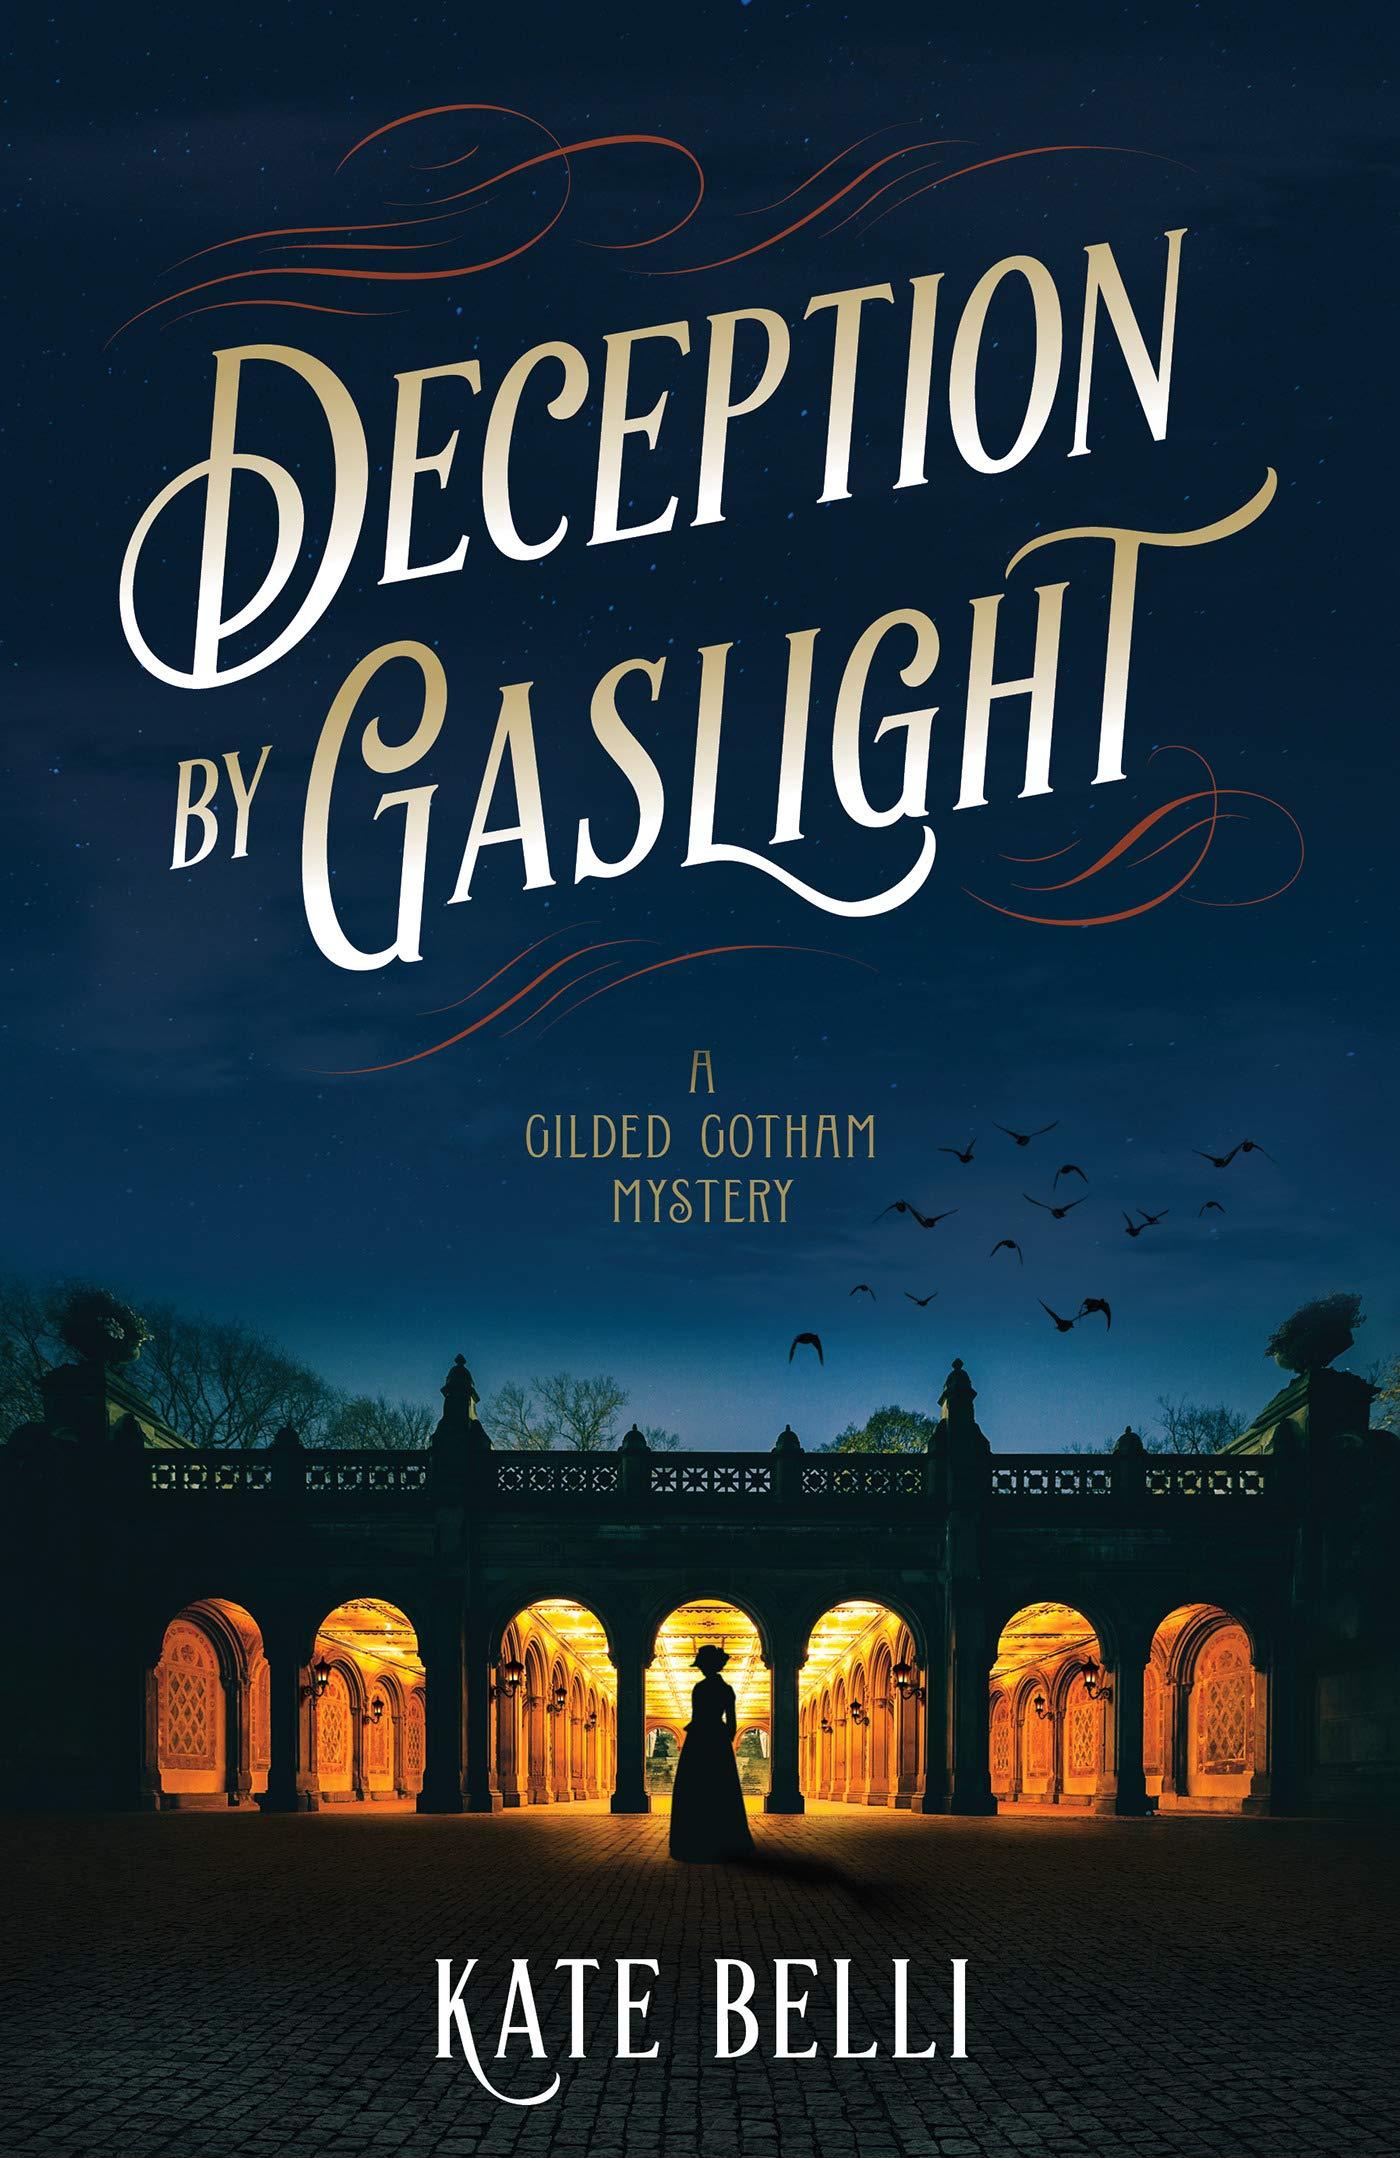 Deception by Gaslight (A Gilded Gotham Mystery #1)